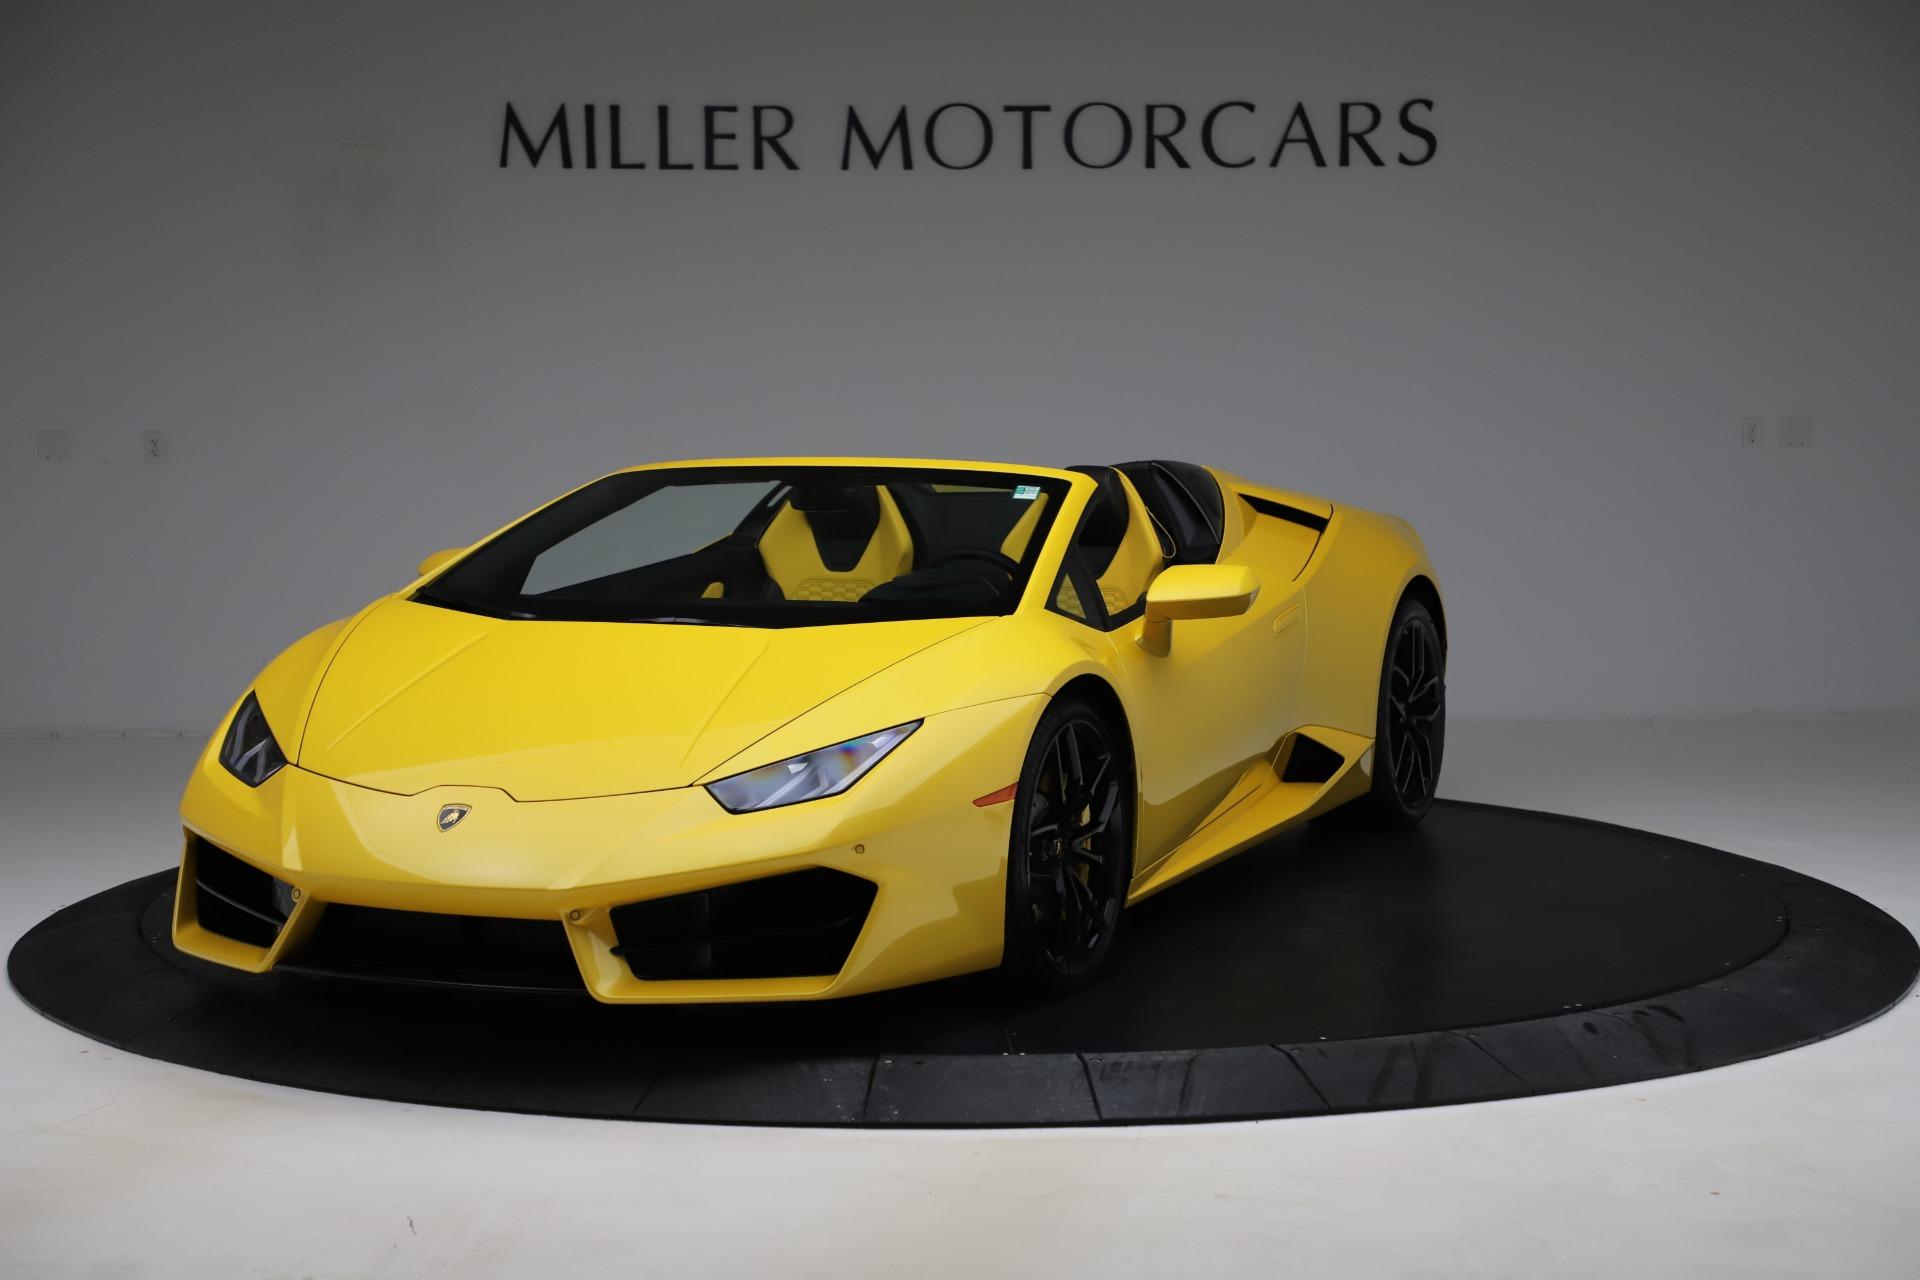 Used 2018 Lamborghini Huracan LP 580-2 Spyder for sale $203,900 at Maserati of Westport in Westport CT 06880 1